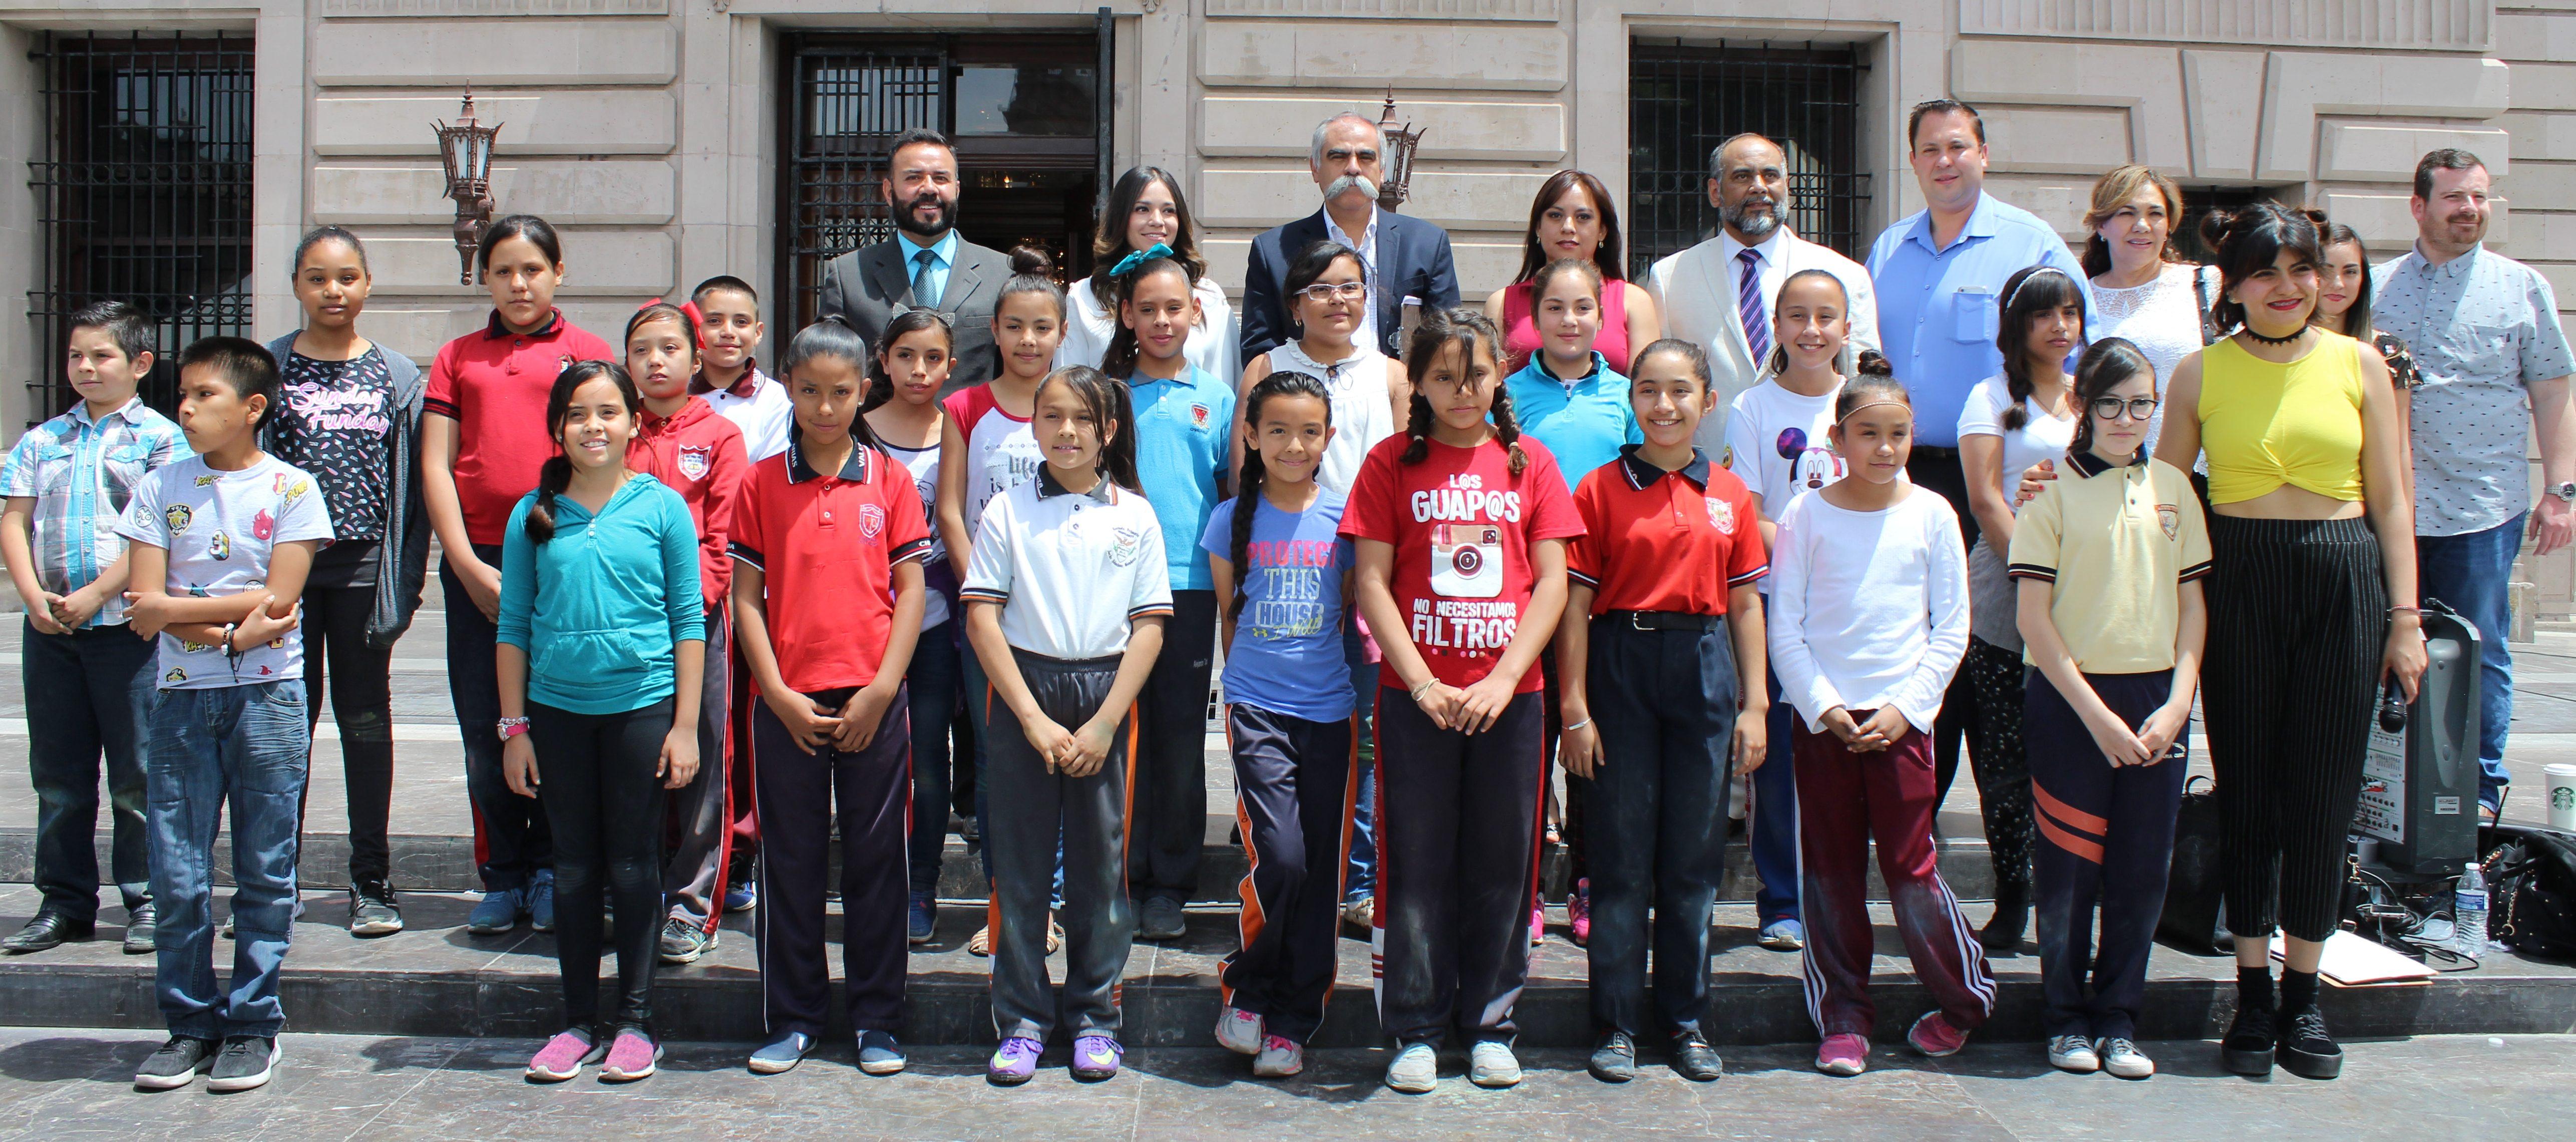 Realiza CEDH Chihuahua concurso artístico sobre Derechos Humanos ...